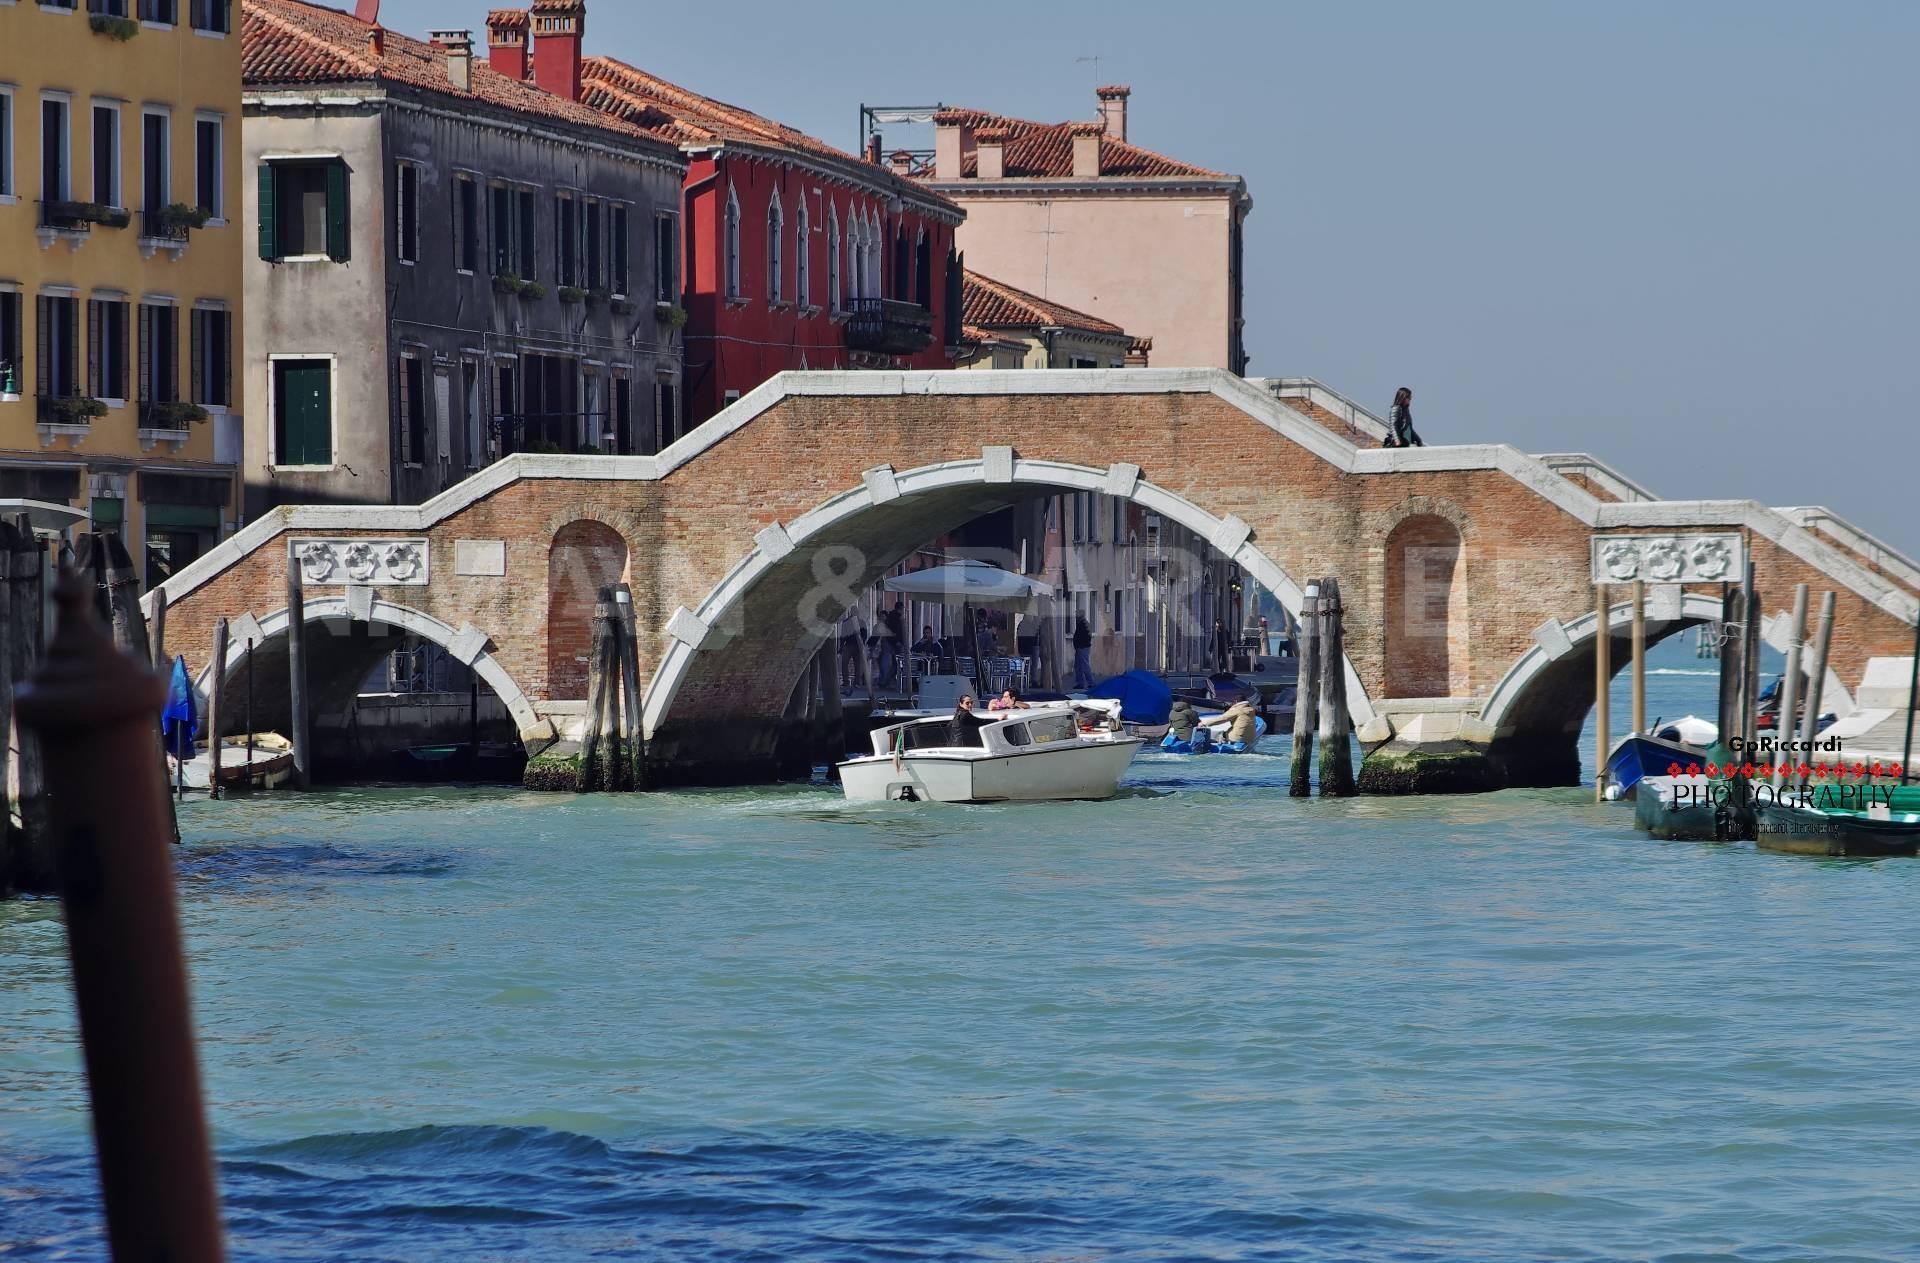 Appartamento in vendita a Venezia, 7 locali, zona Zona: 3 . Cannaregio, prezzo € 465.000   Cambio Casa.it